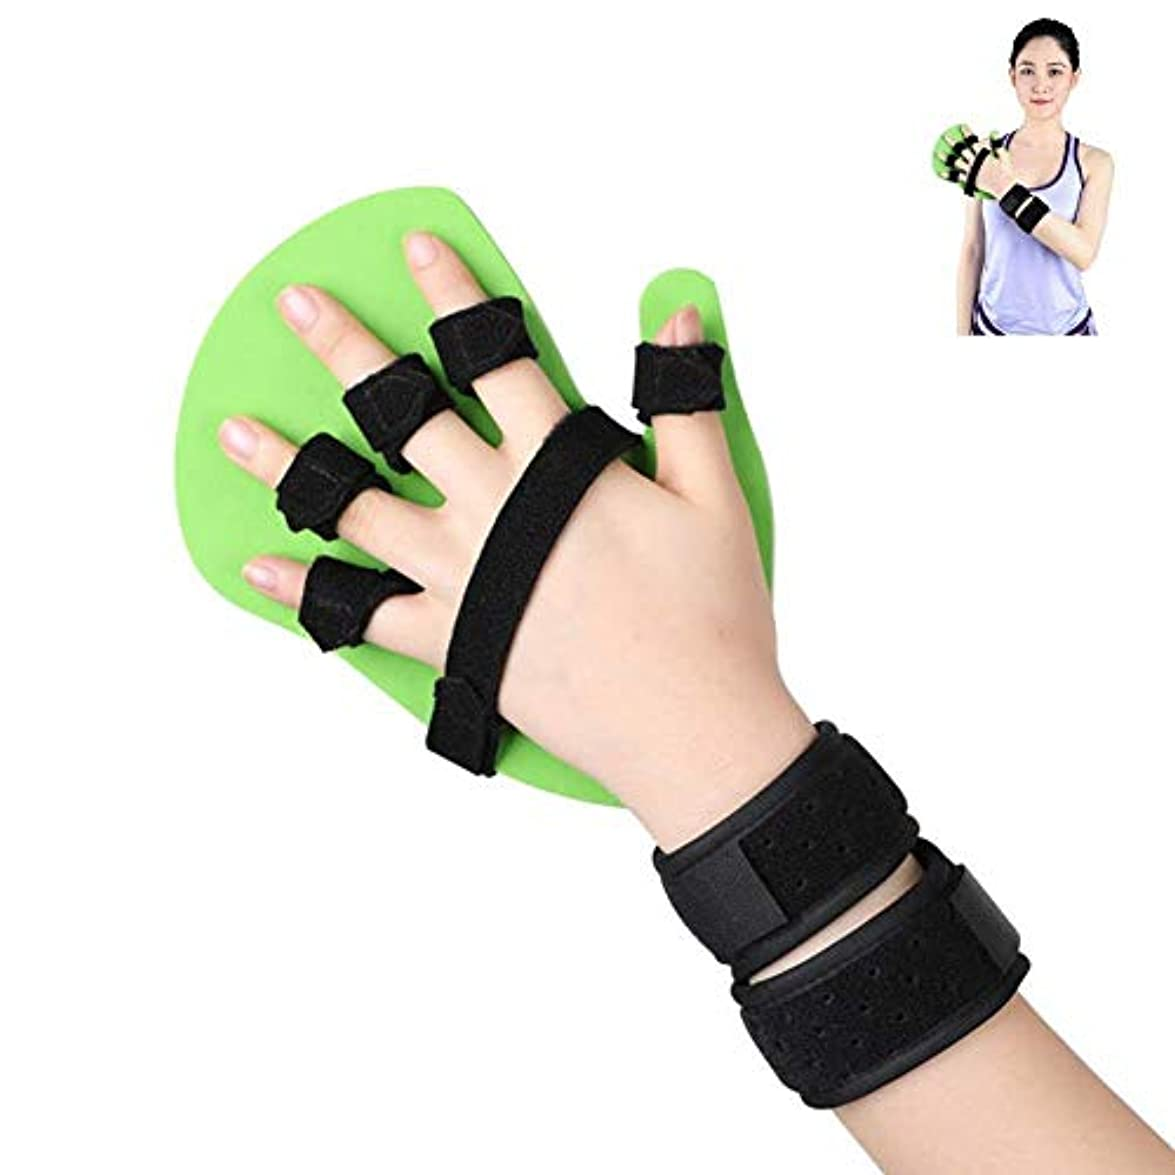 メルボルン比率フィドル指の損傷のサポート、指の延長スプリントセパレーター装具は、最適な指の機器トレーニング機器をサポートします,RightHand-L